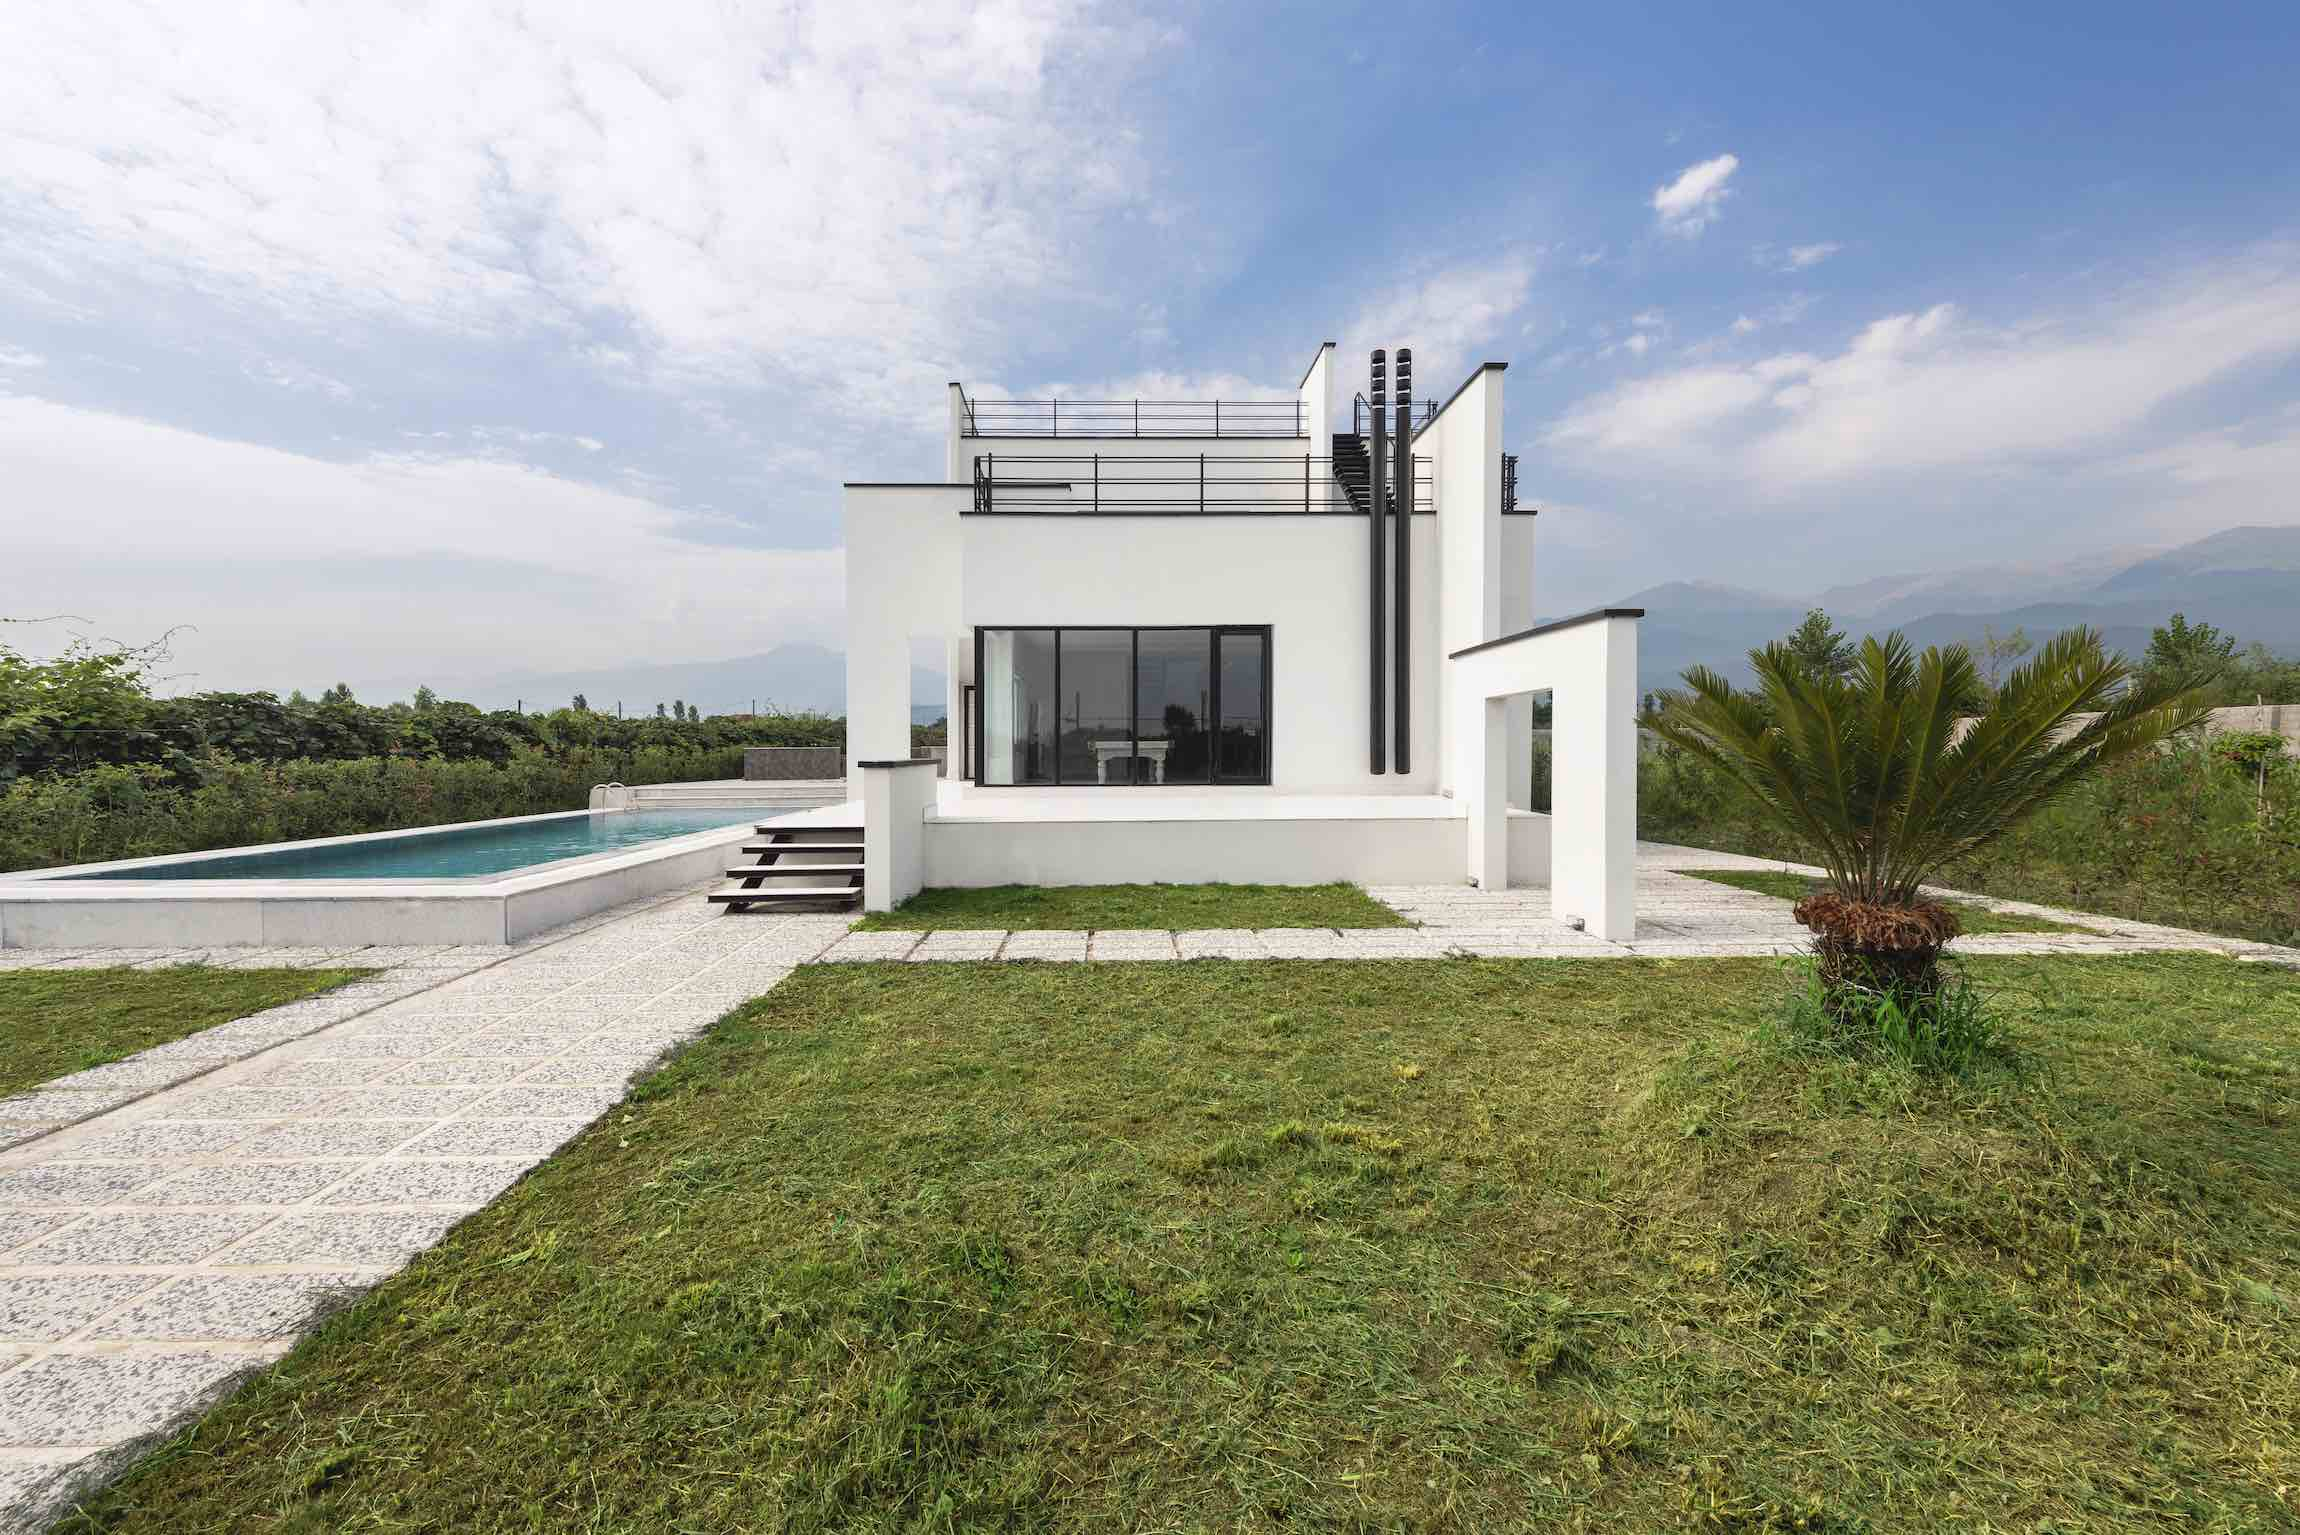 Rostam White Villa designed by Mohammad Reza Kohzadi in Mazandaran Iran